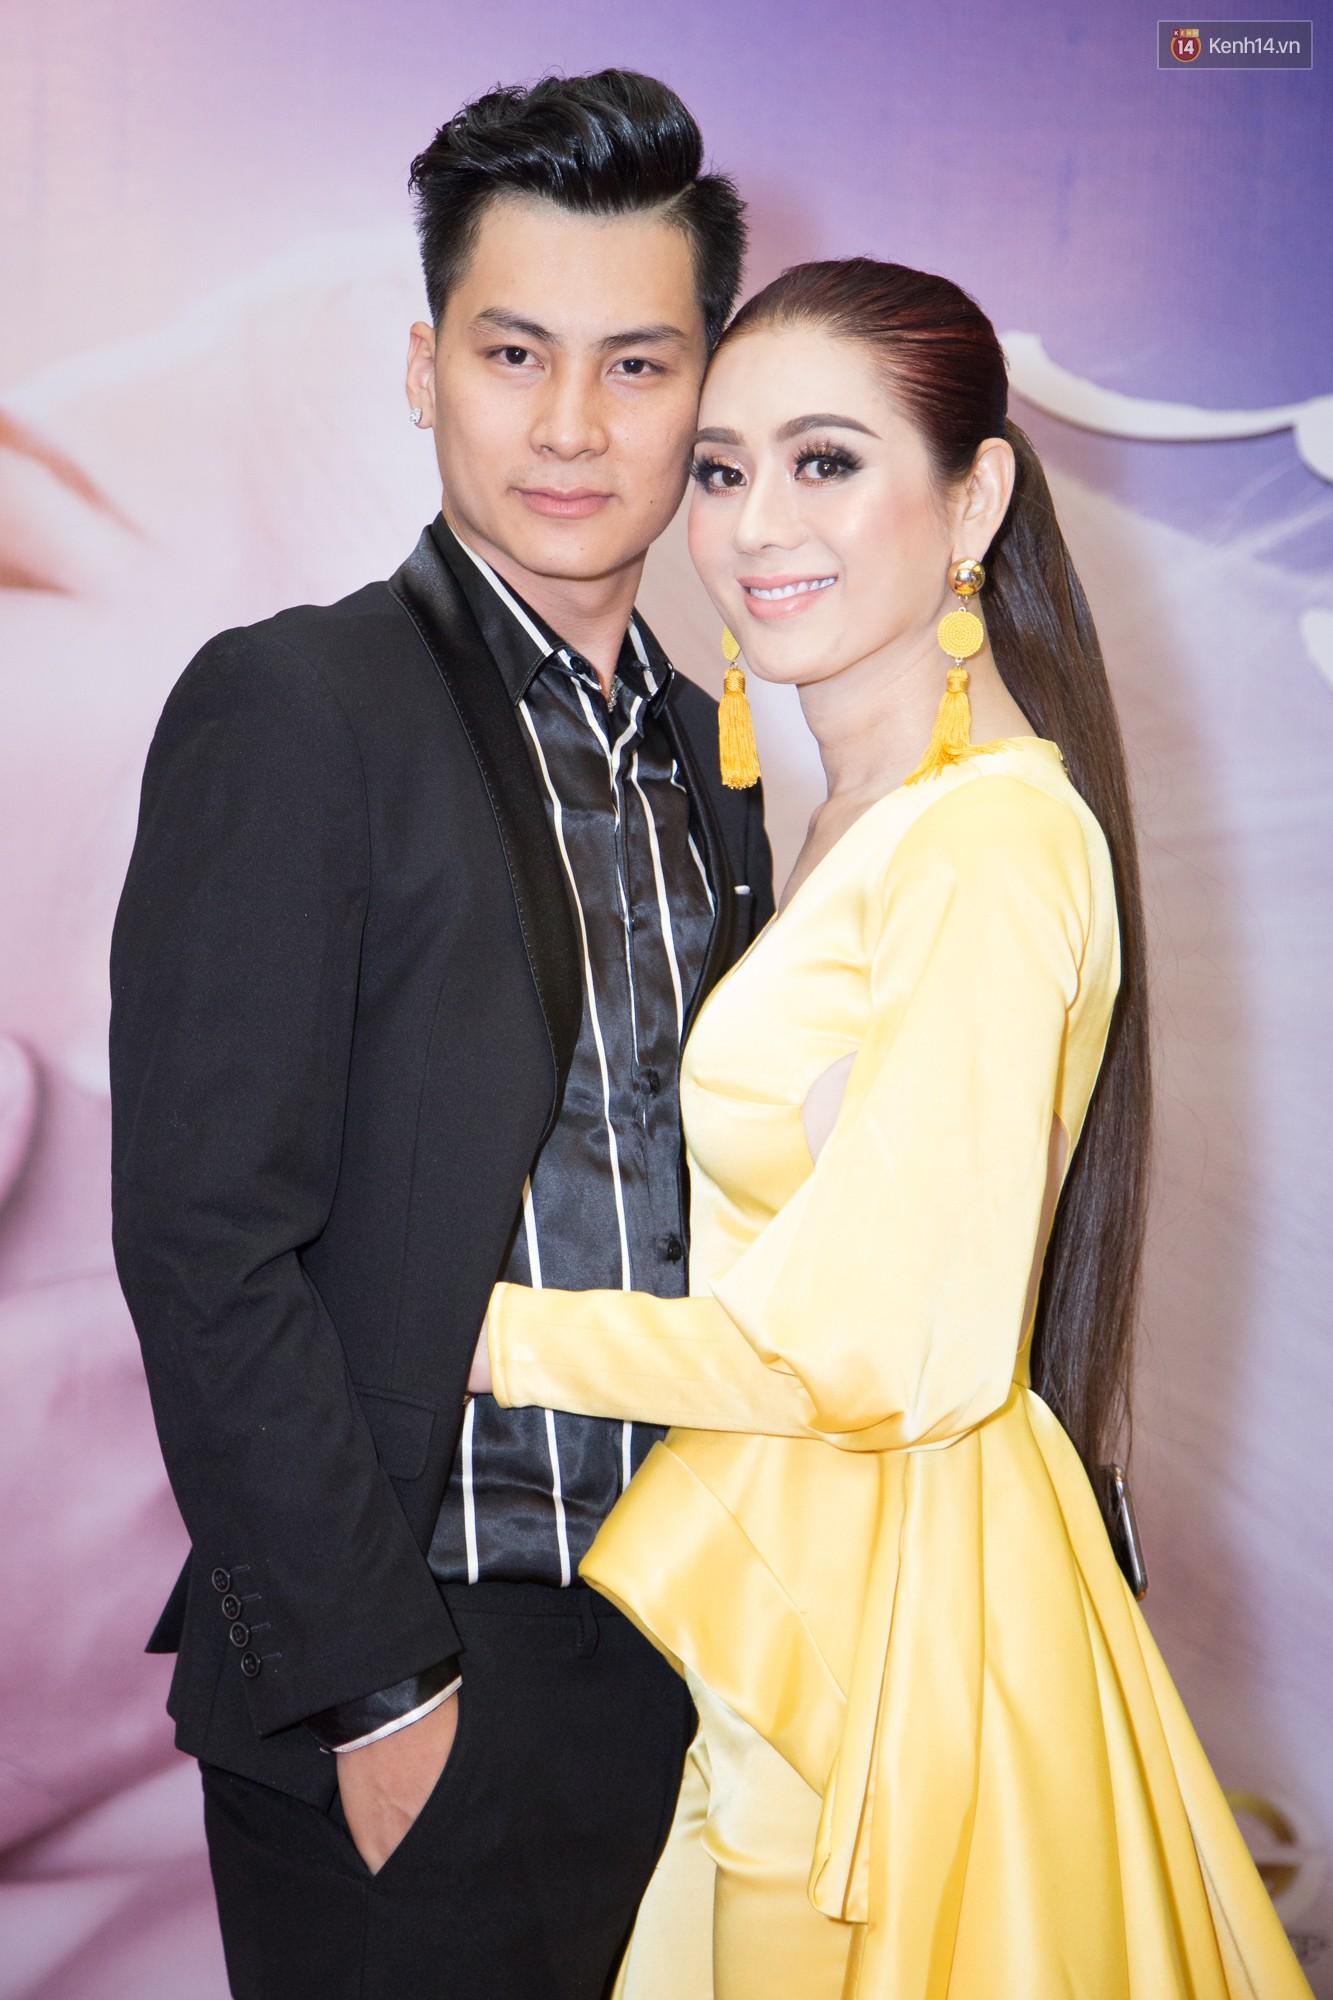 Lâm Khánh Chi đầu tư tiền tỷ cho phim ca nhạc mang màu sắc cổ trang về Hồ ly ...